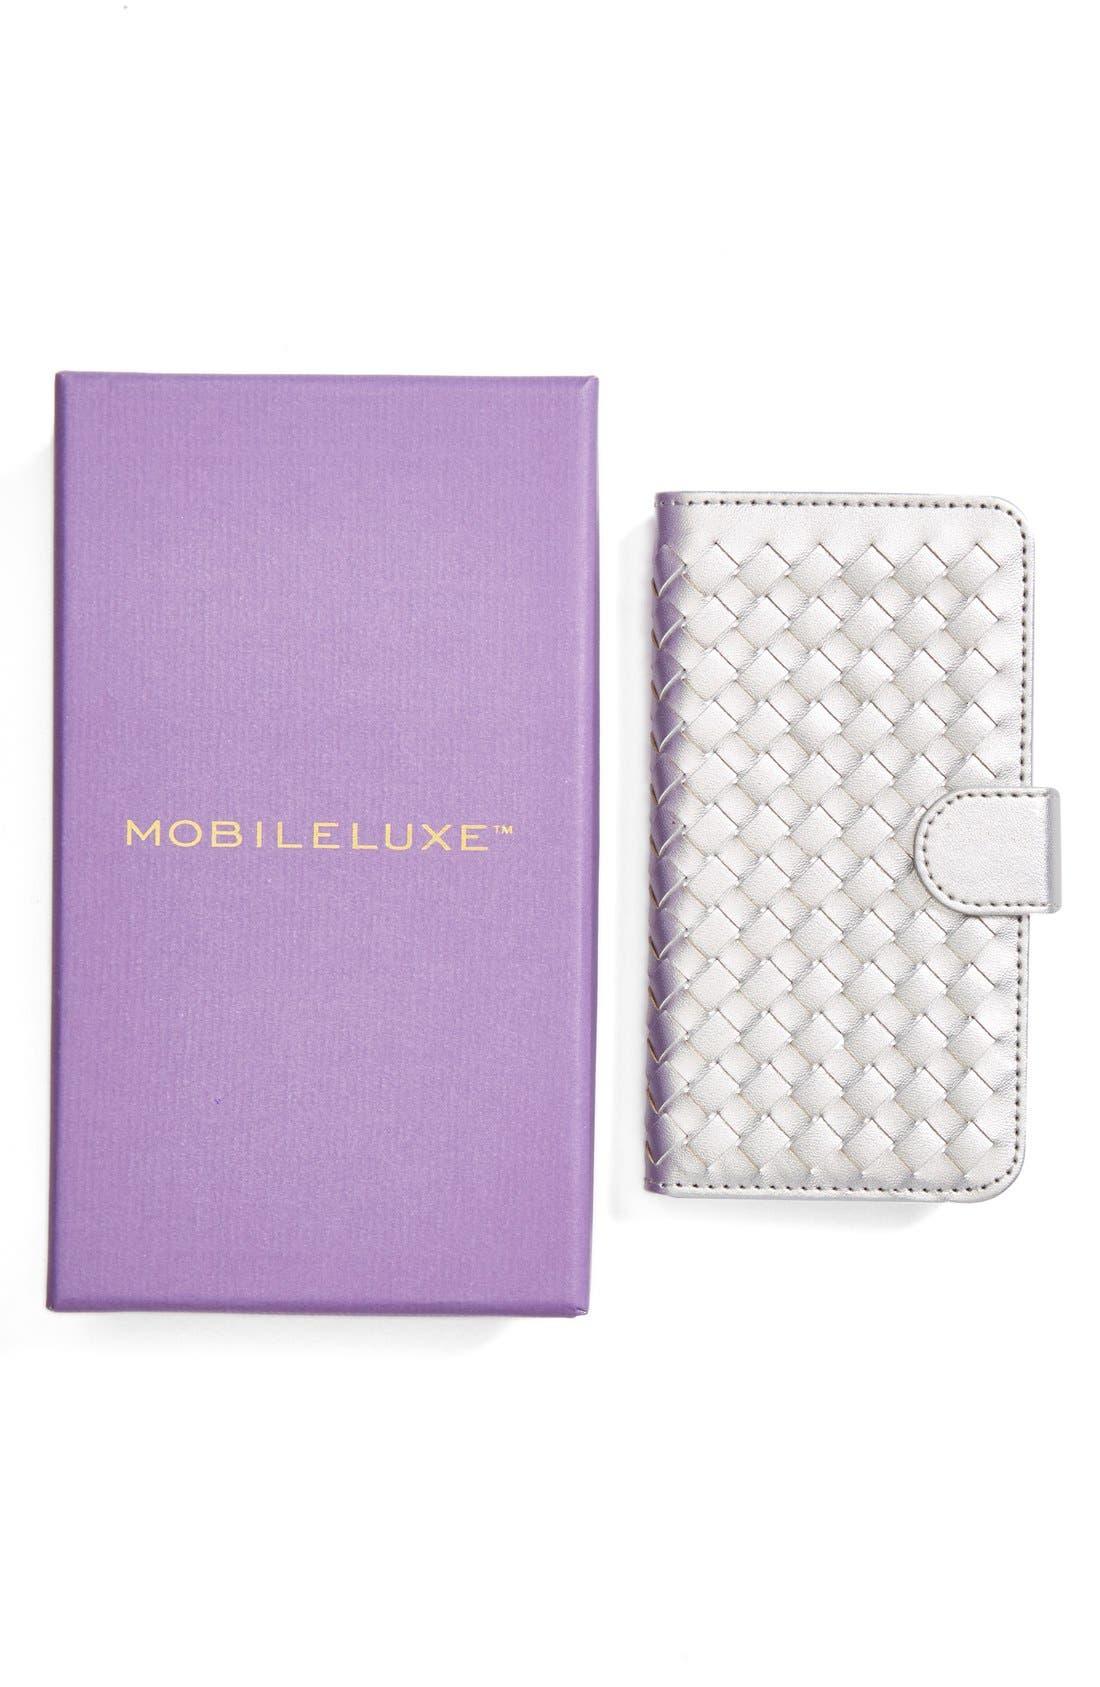 Mobileluxe iPhone 6/6s Wallet Case